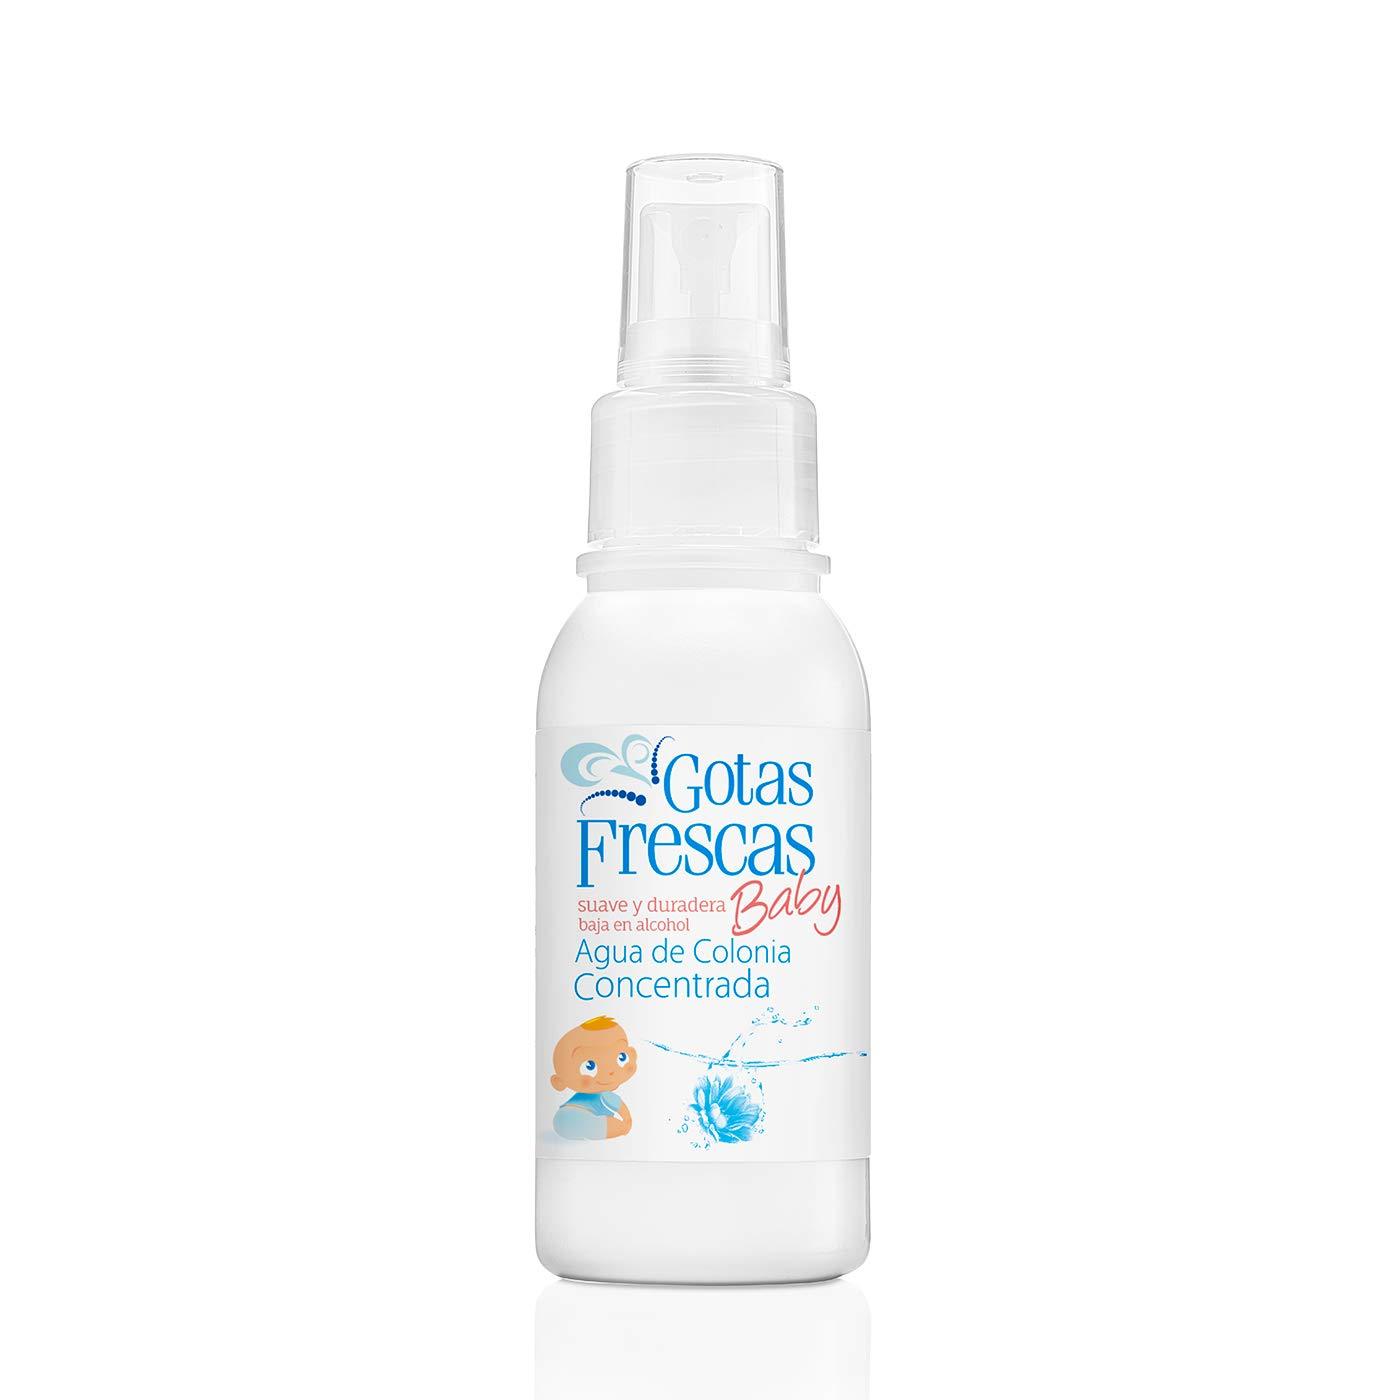 Instituto Español Gotas frescas - Agua de colonia concentrada para bebé - baja en alcohol - 80 ml